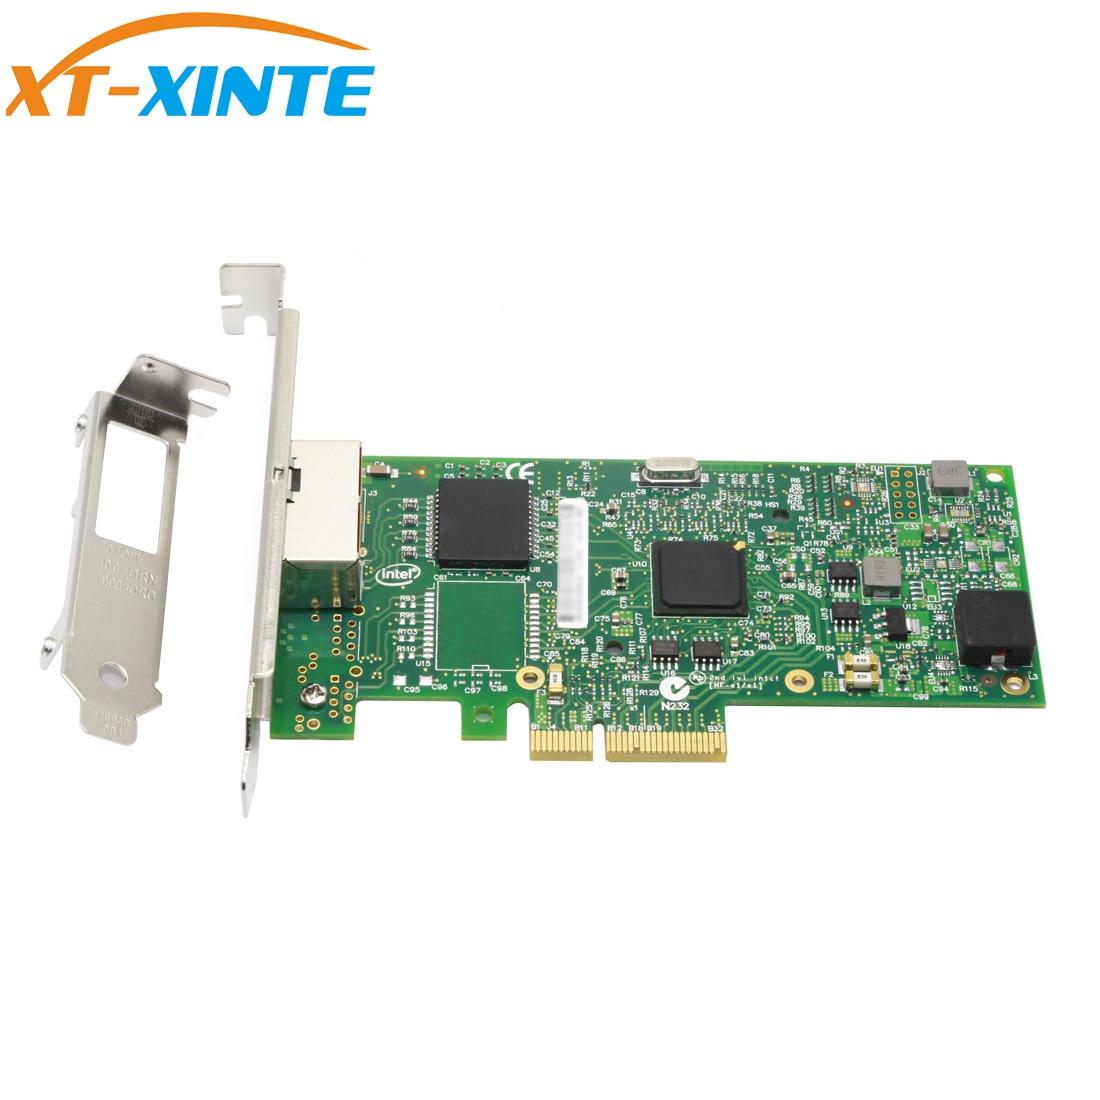 Placa de Rede Xt-xinte Porta Pcie Gigabit Ethernet Servidor Adaptador 10 – 100 1000 Mbps Intel I350 Chipset I350-t2 2